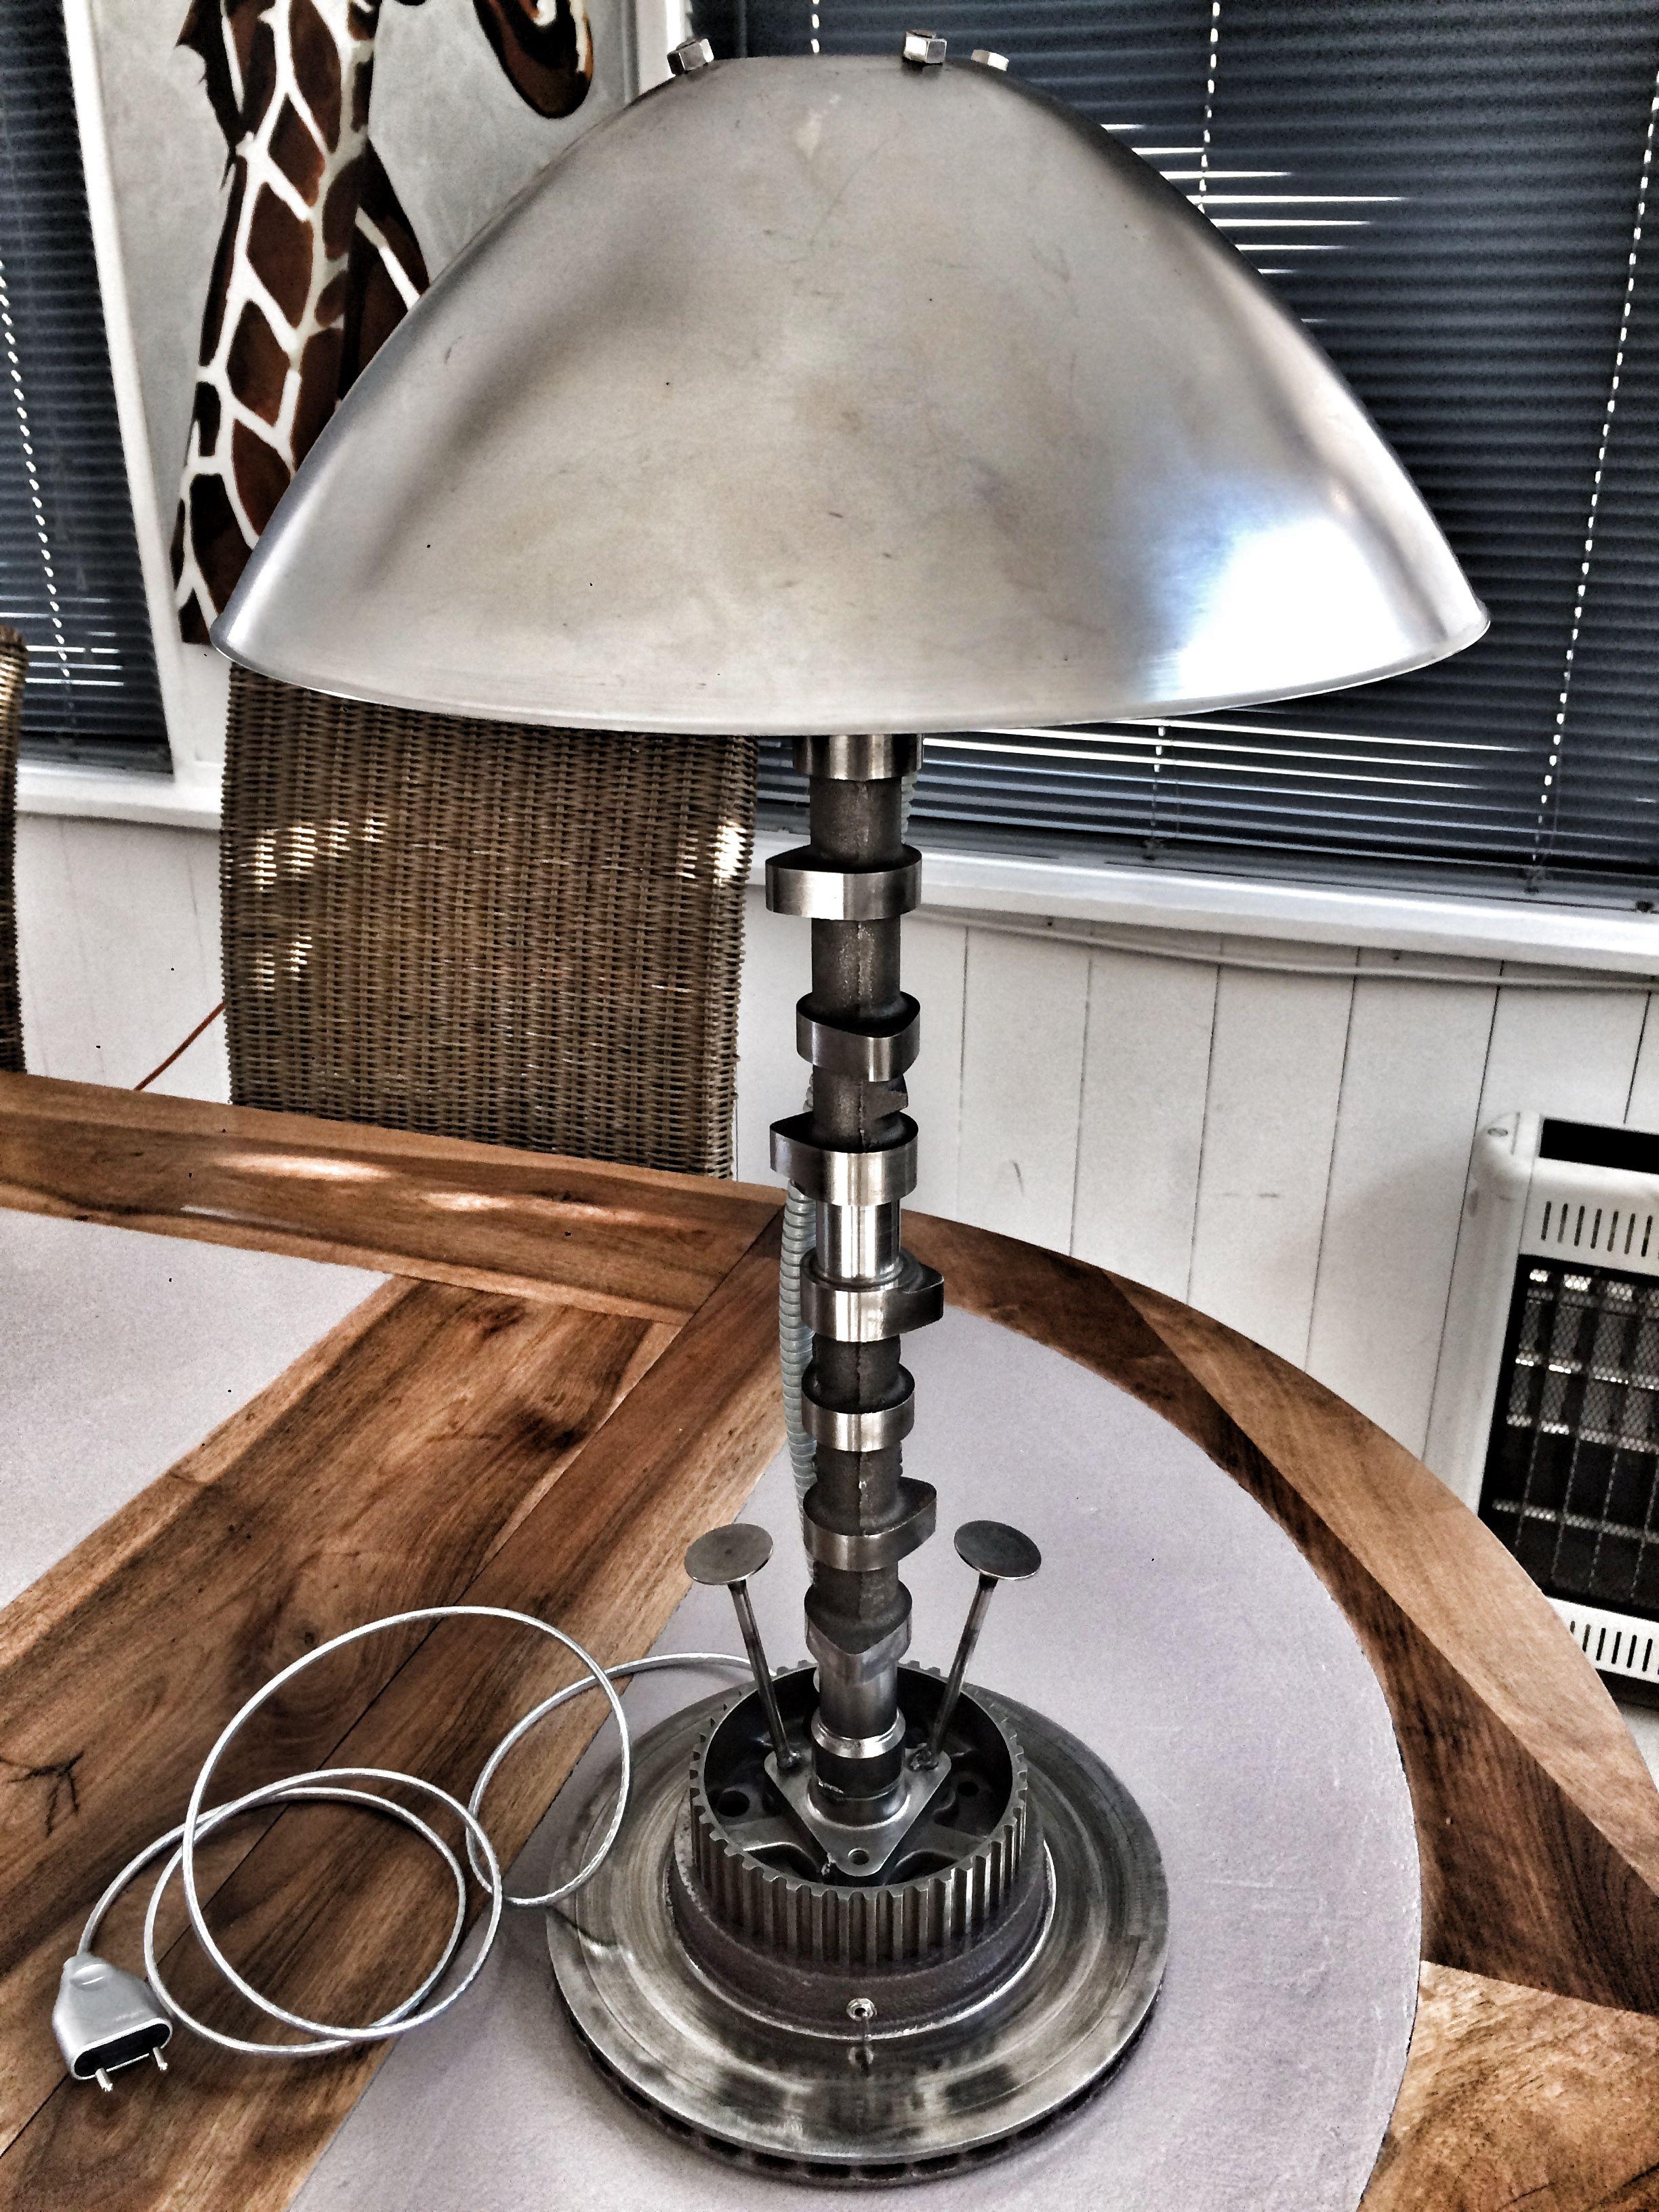 Lampe industrielle, recyclage pièces mécaniques | Industrial